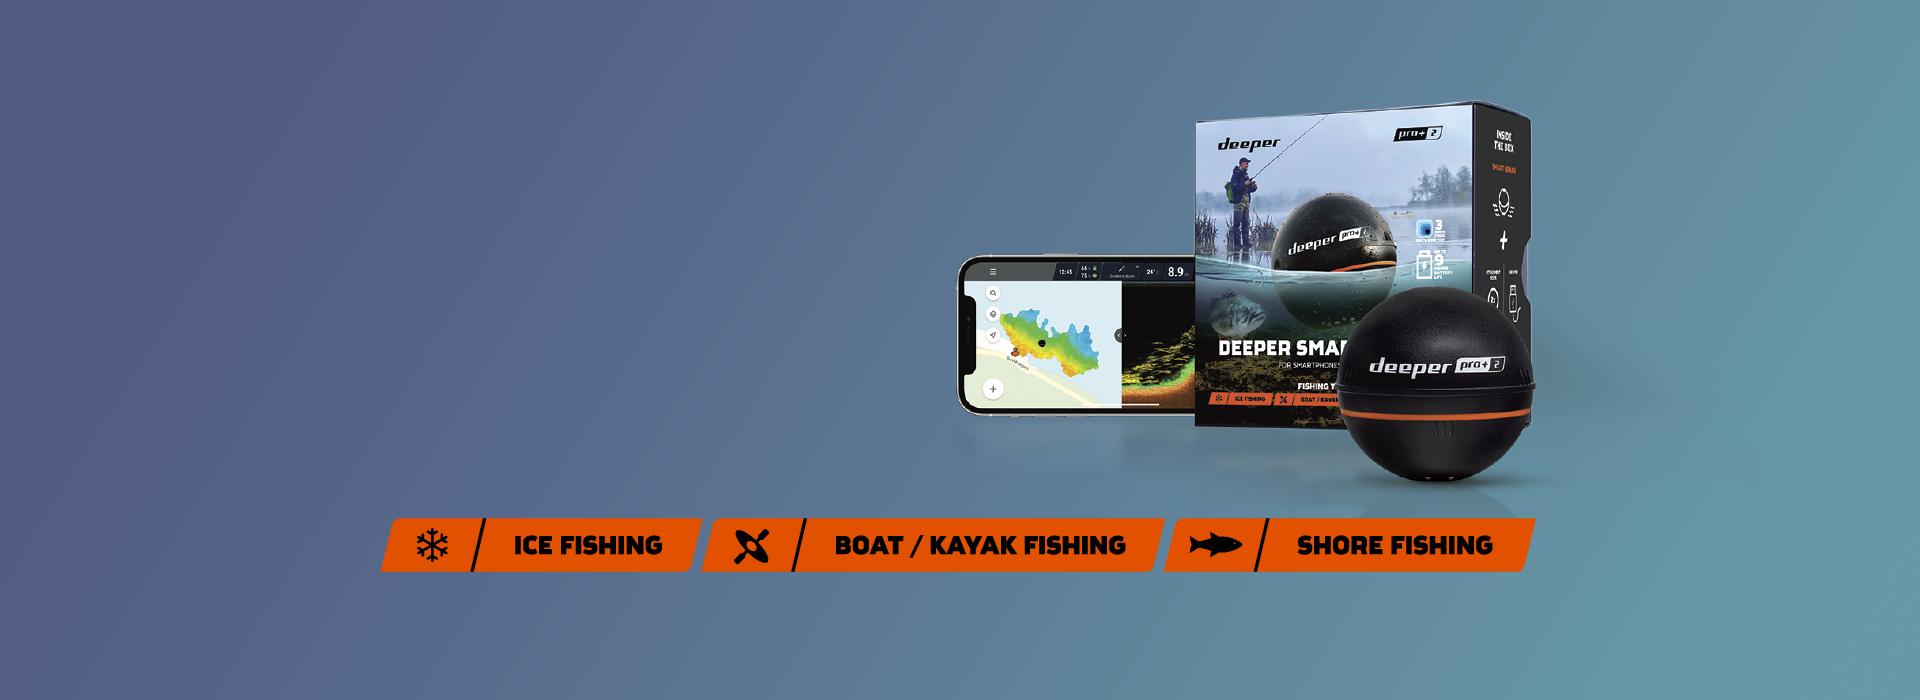 Nový Deeper PRO+2! Oblíbený pomocník rybářů po celém světě.Nově zdokonalený, lepší než kdy předtím.